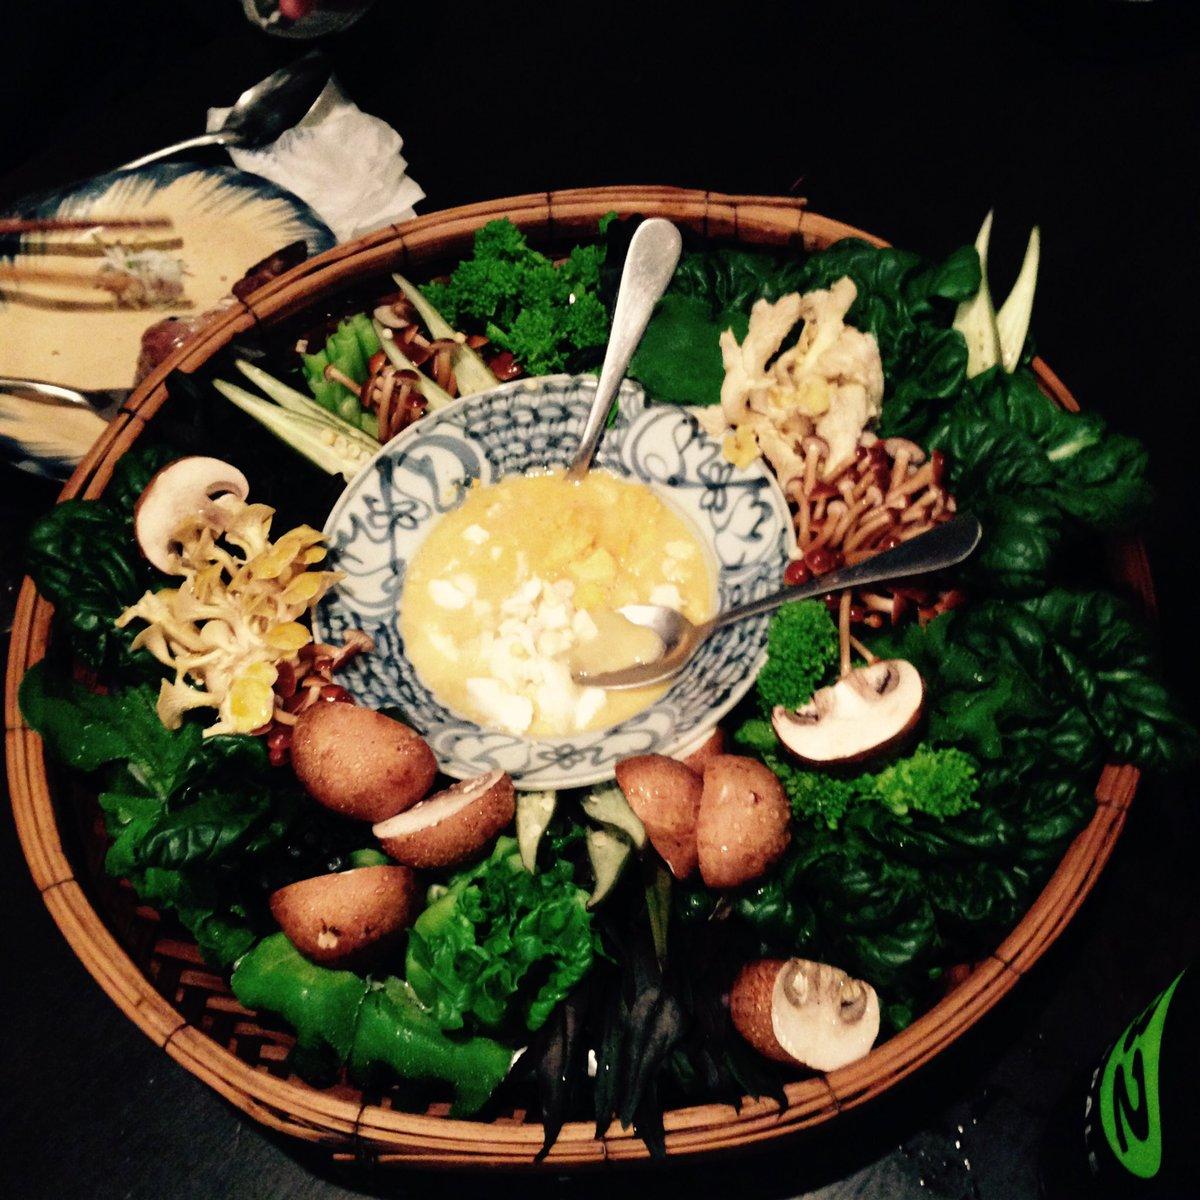 インドシナ料理ユニット「アンドシノワーズ Indochinoise」_e0152073_2065680.jpg